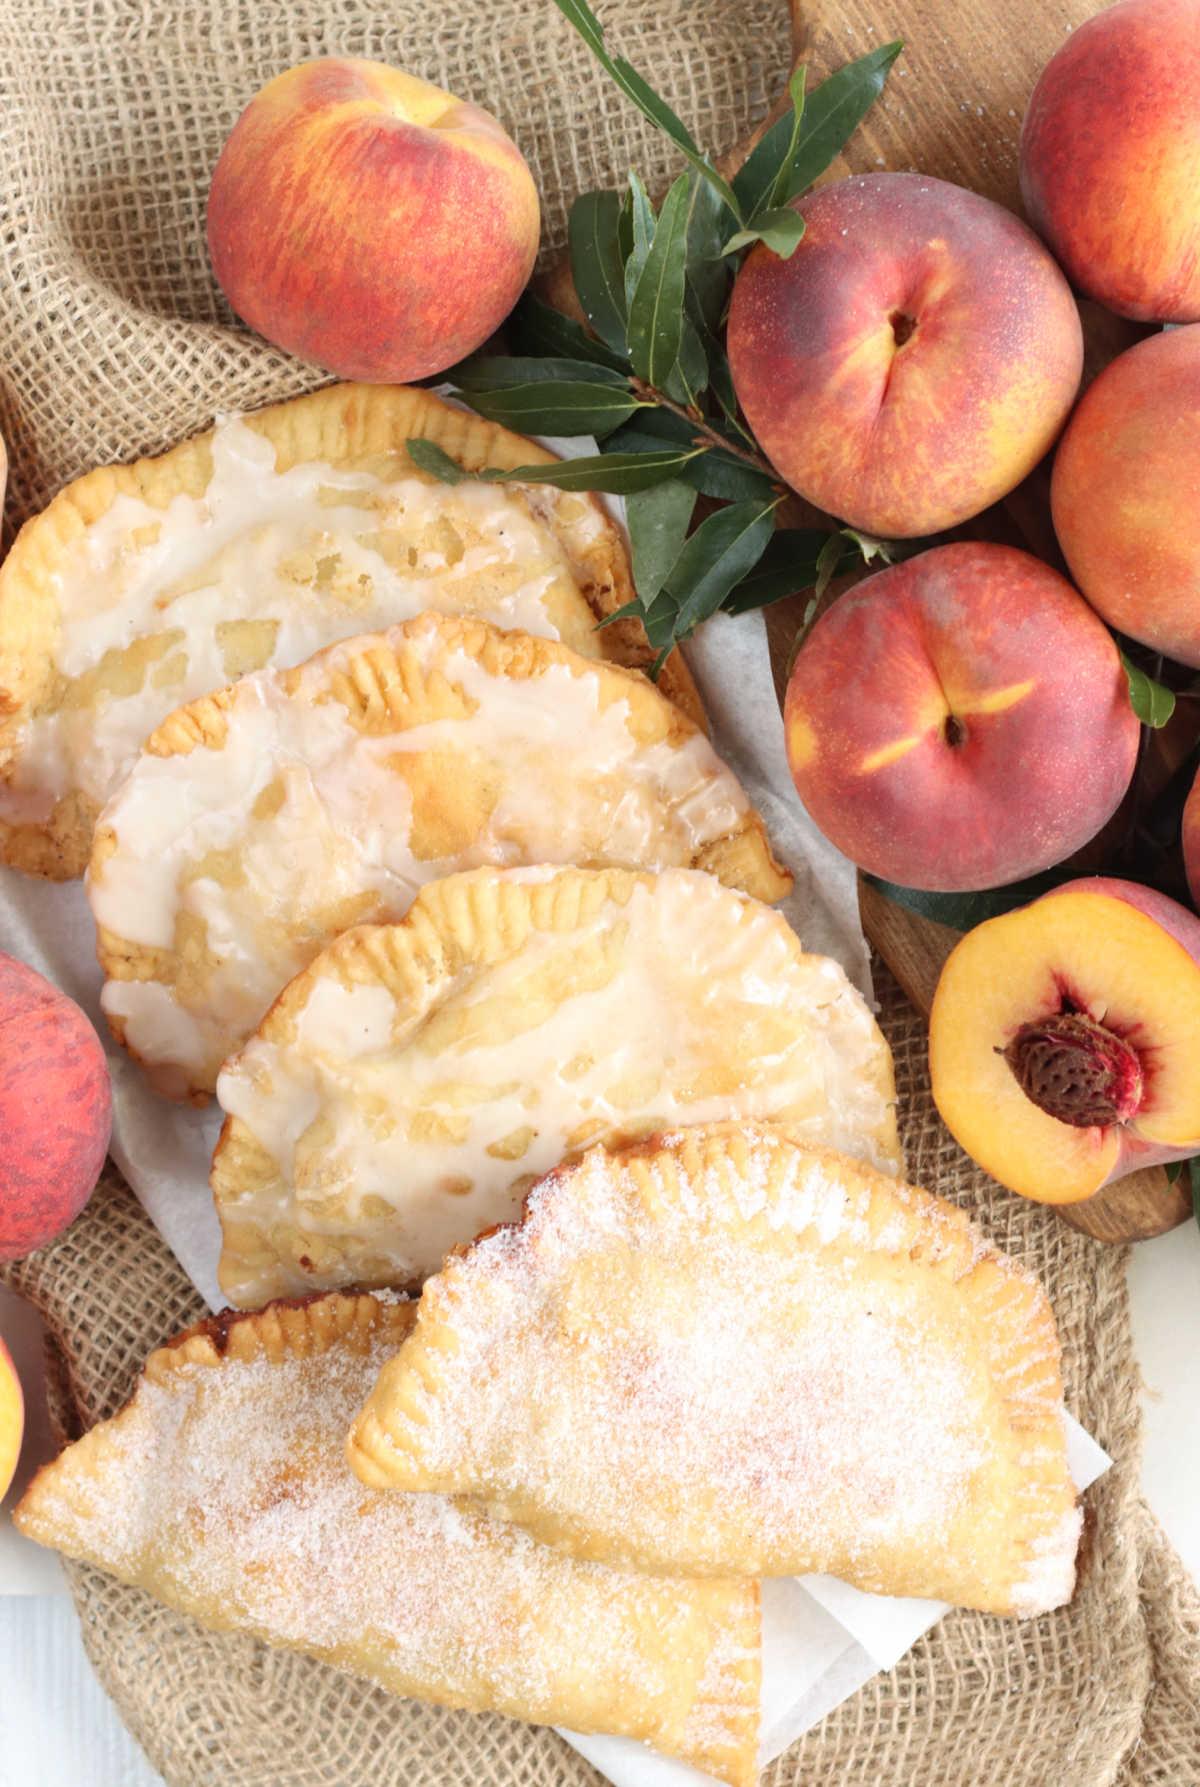 Fried peach hand pies on burlap, fresh peaches around.